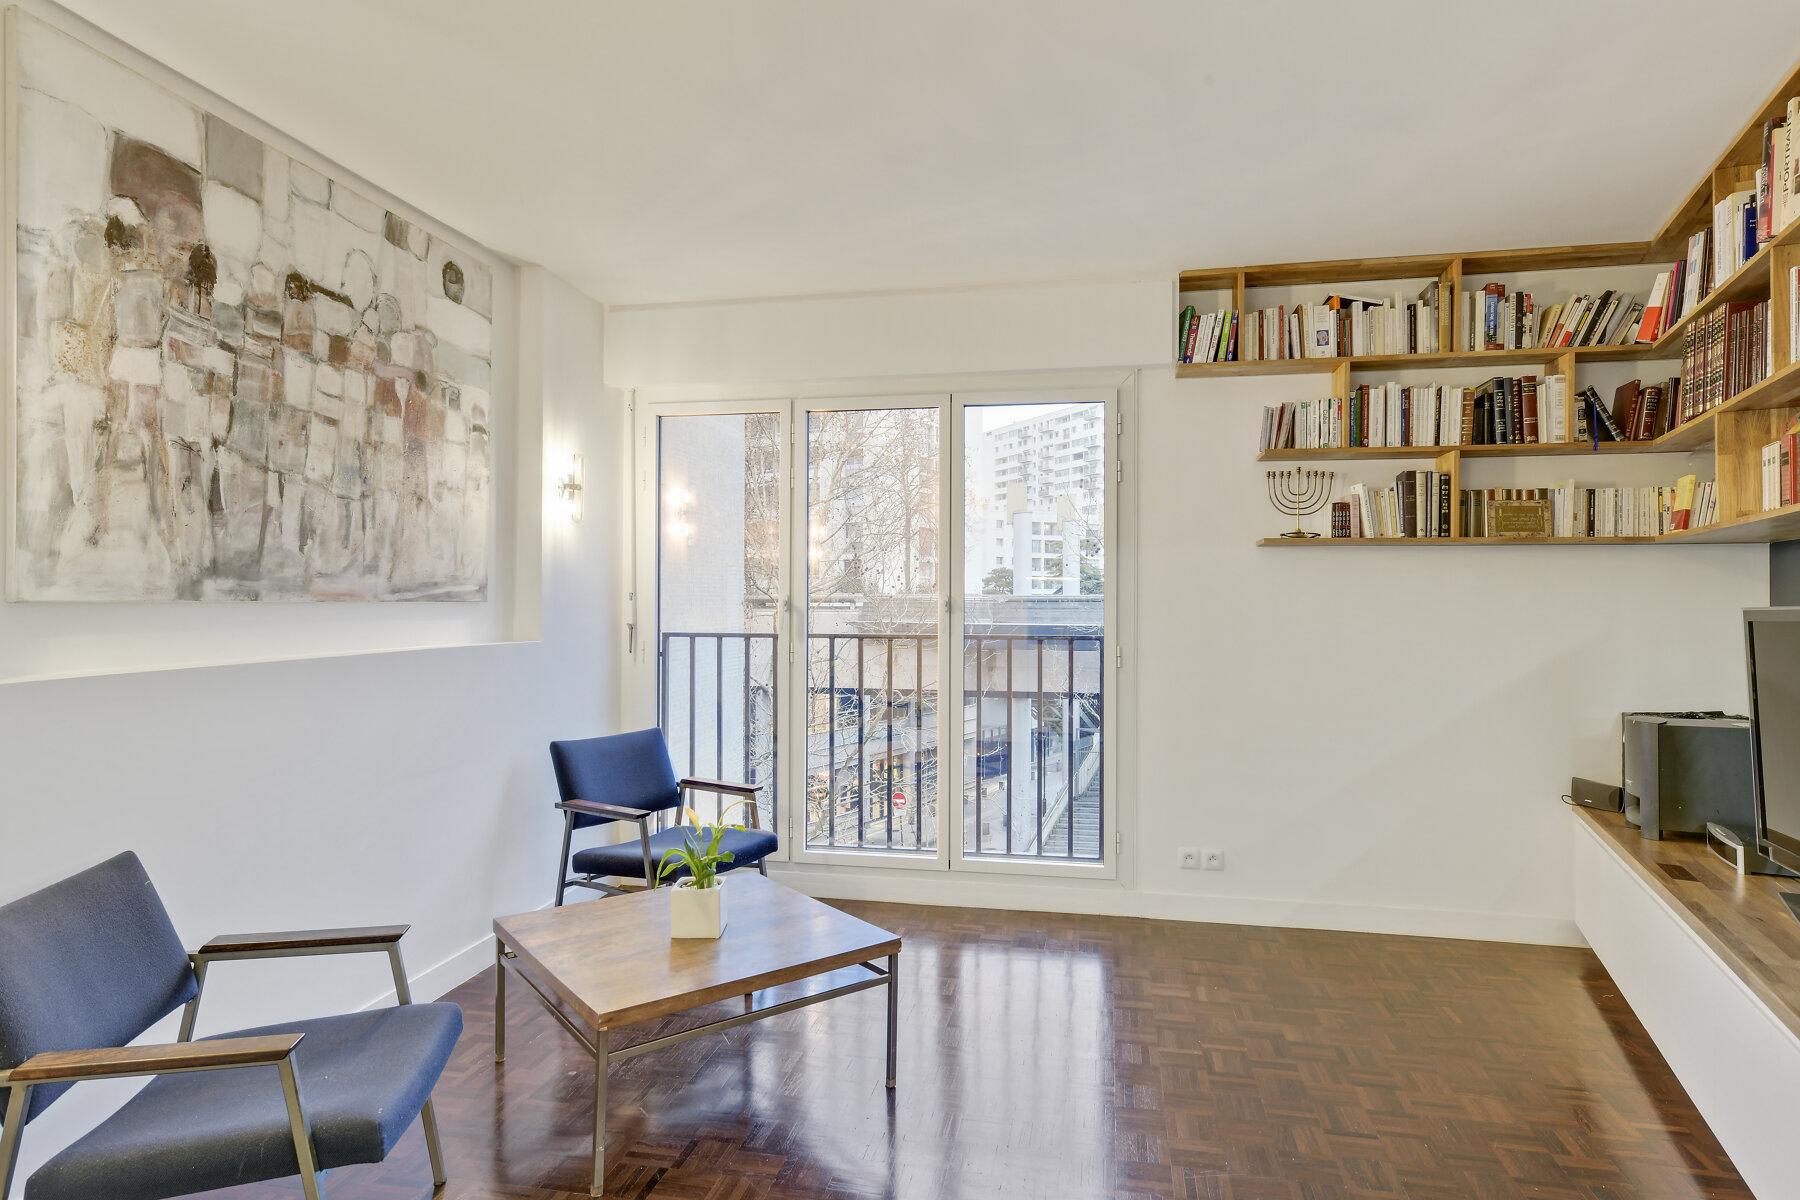 Rénovation - Appartement par un architecte Archidvisor